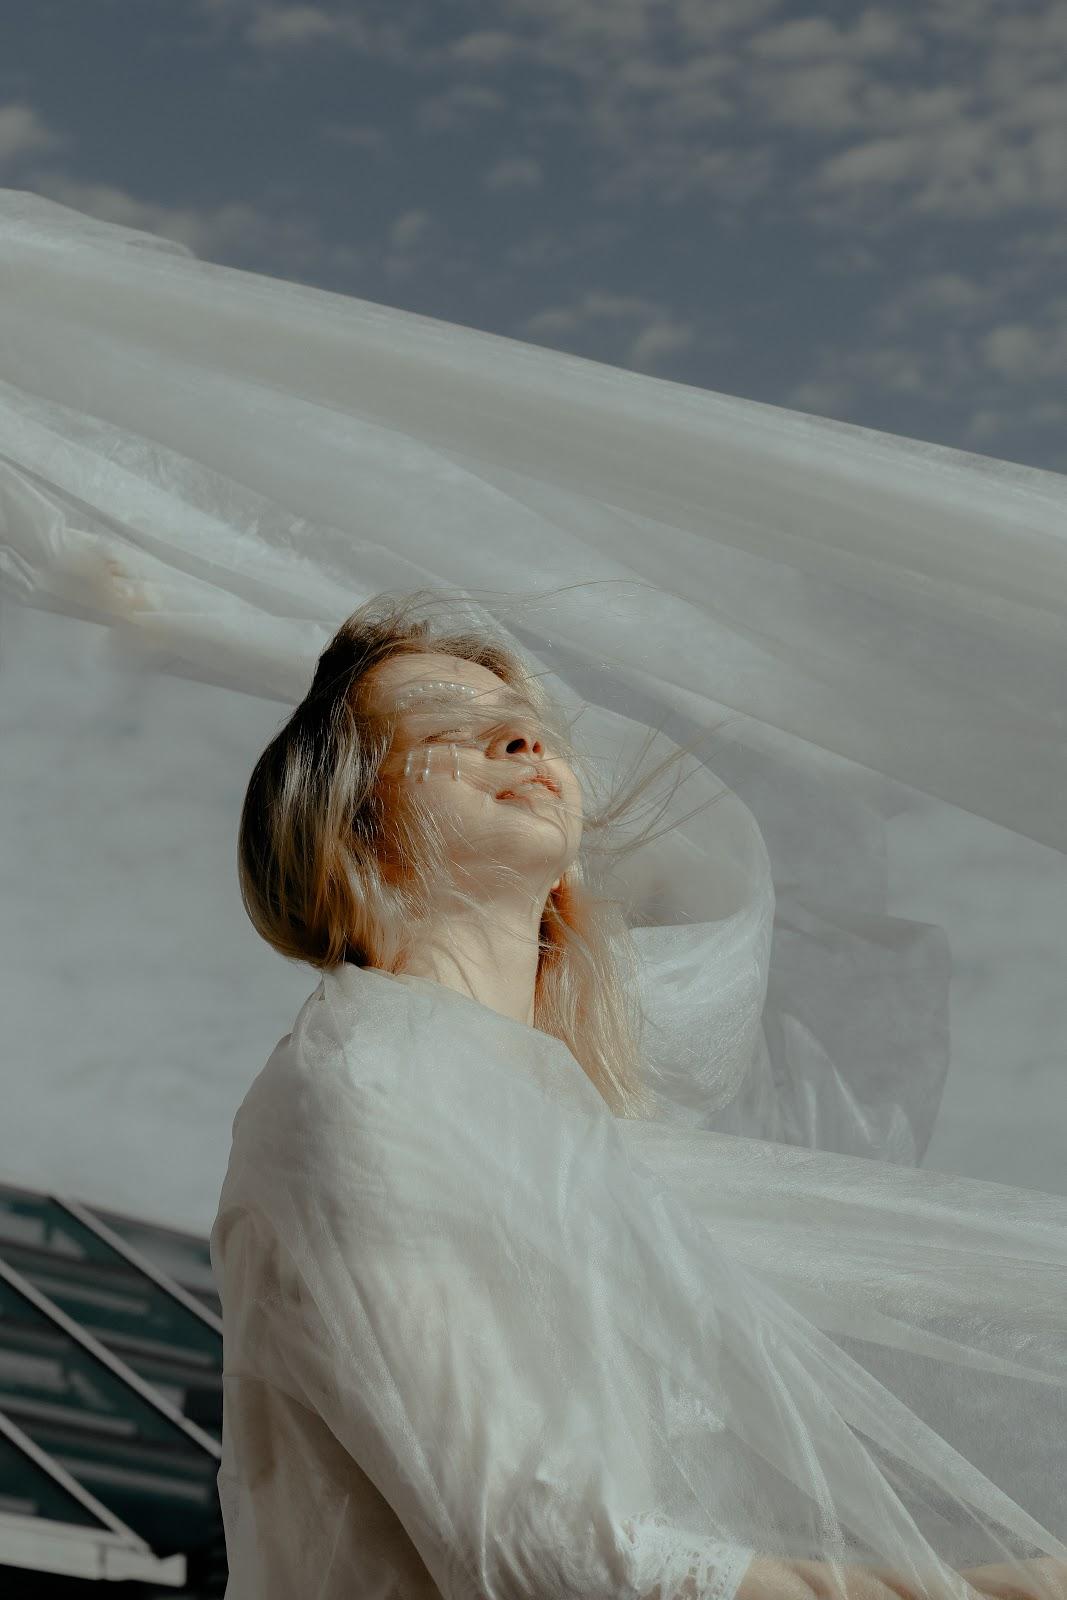 Mơ thấy phụ nữ có bầu là điềm báo gì?- Giải mã giấc mơ